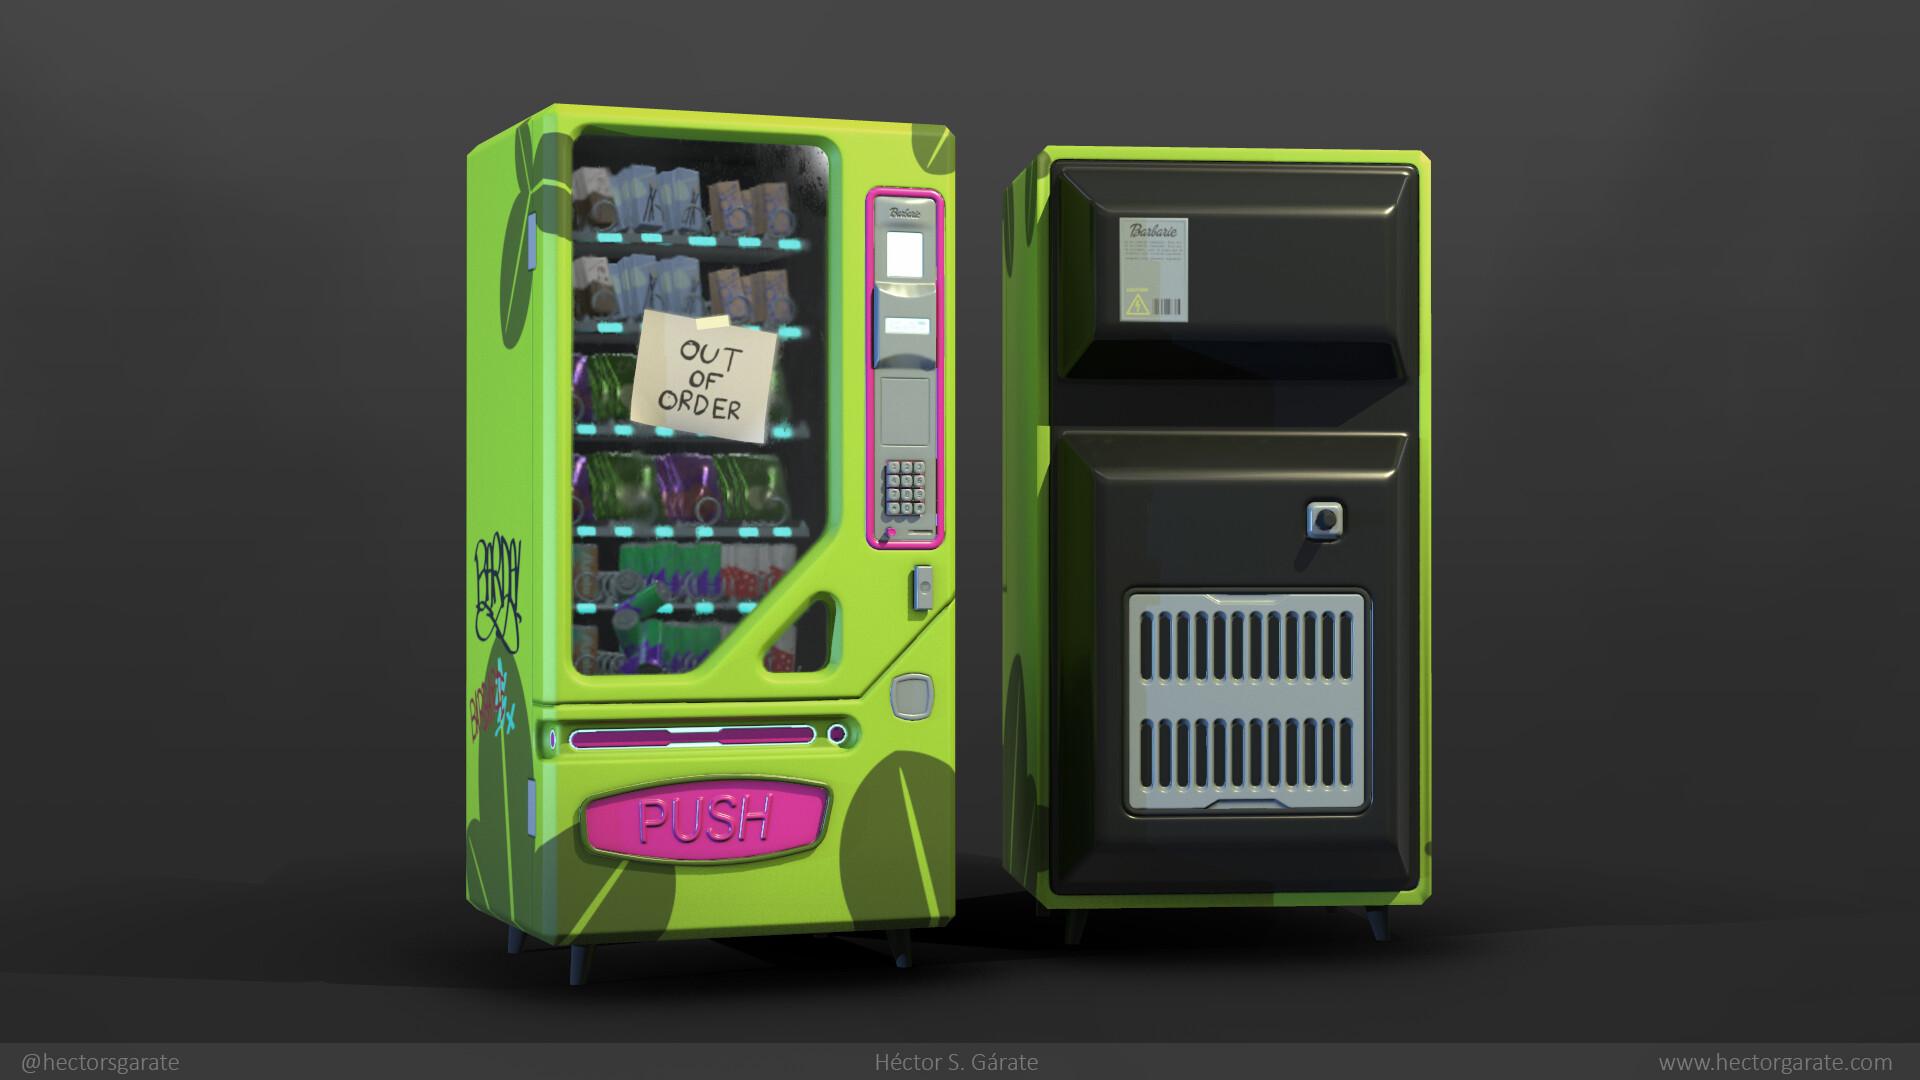 Hector garate vending 05